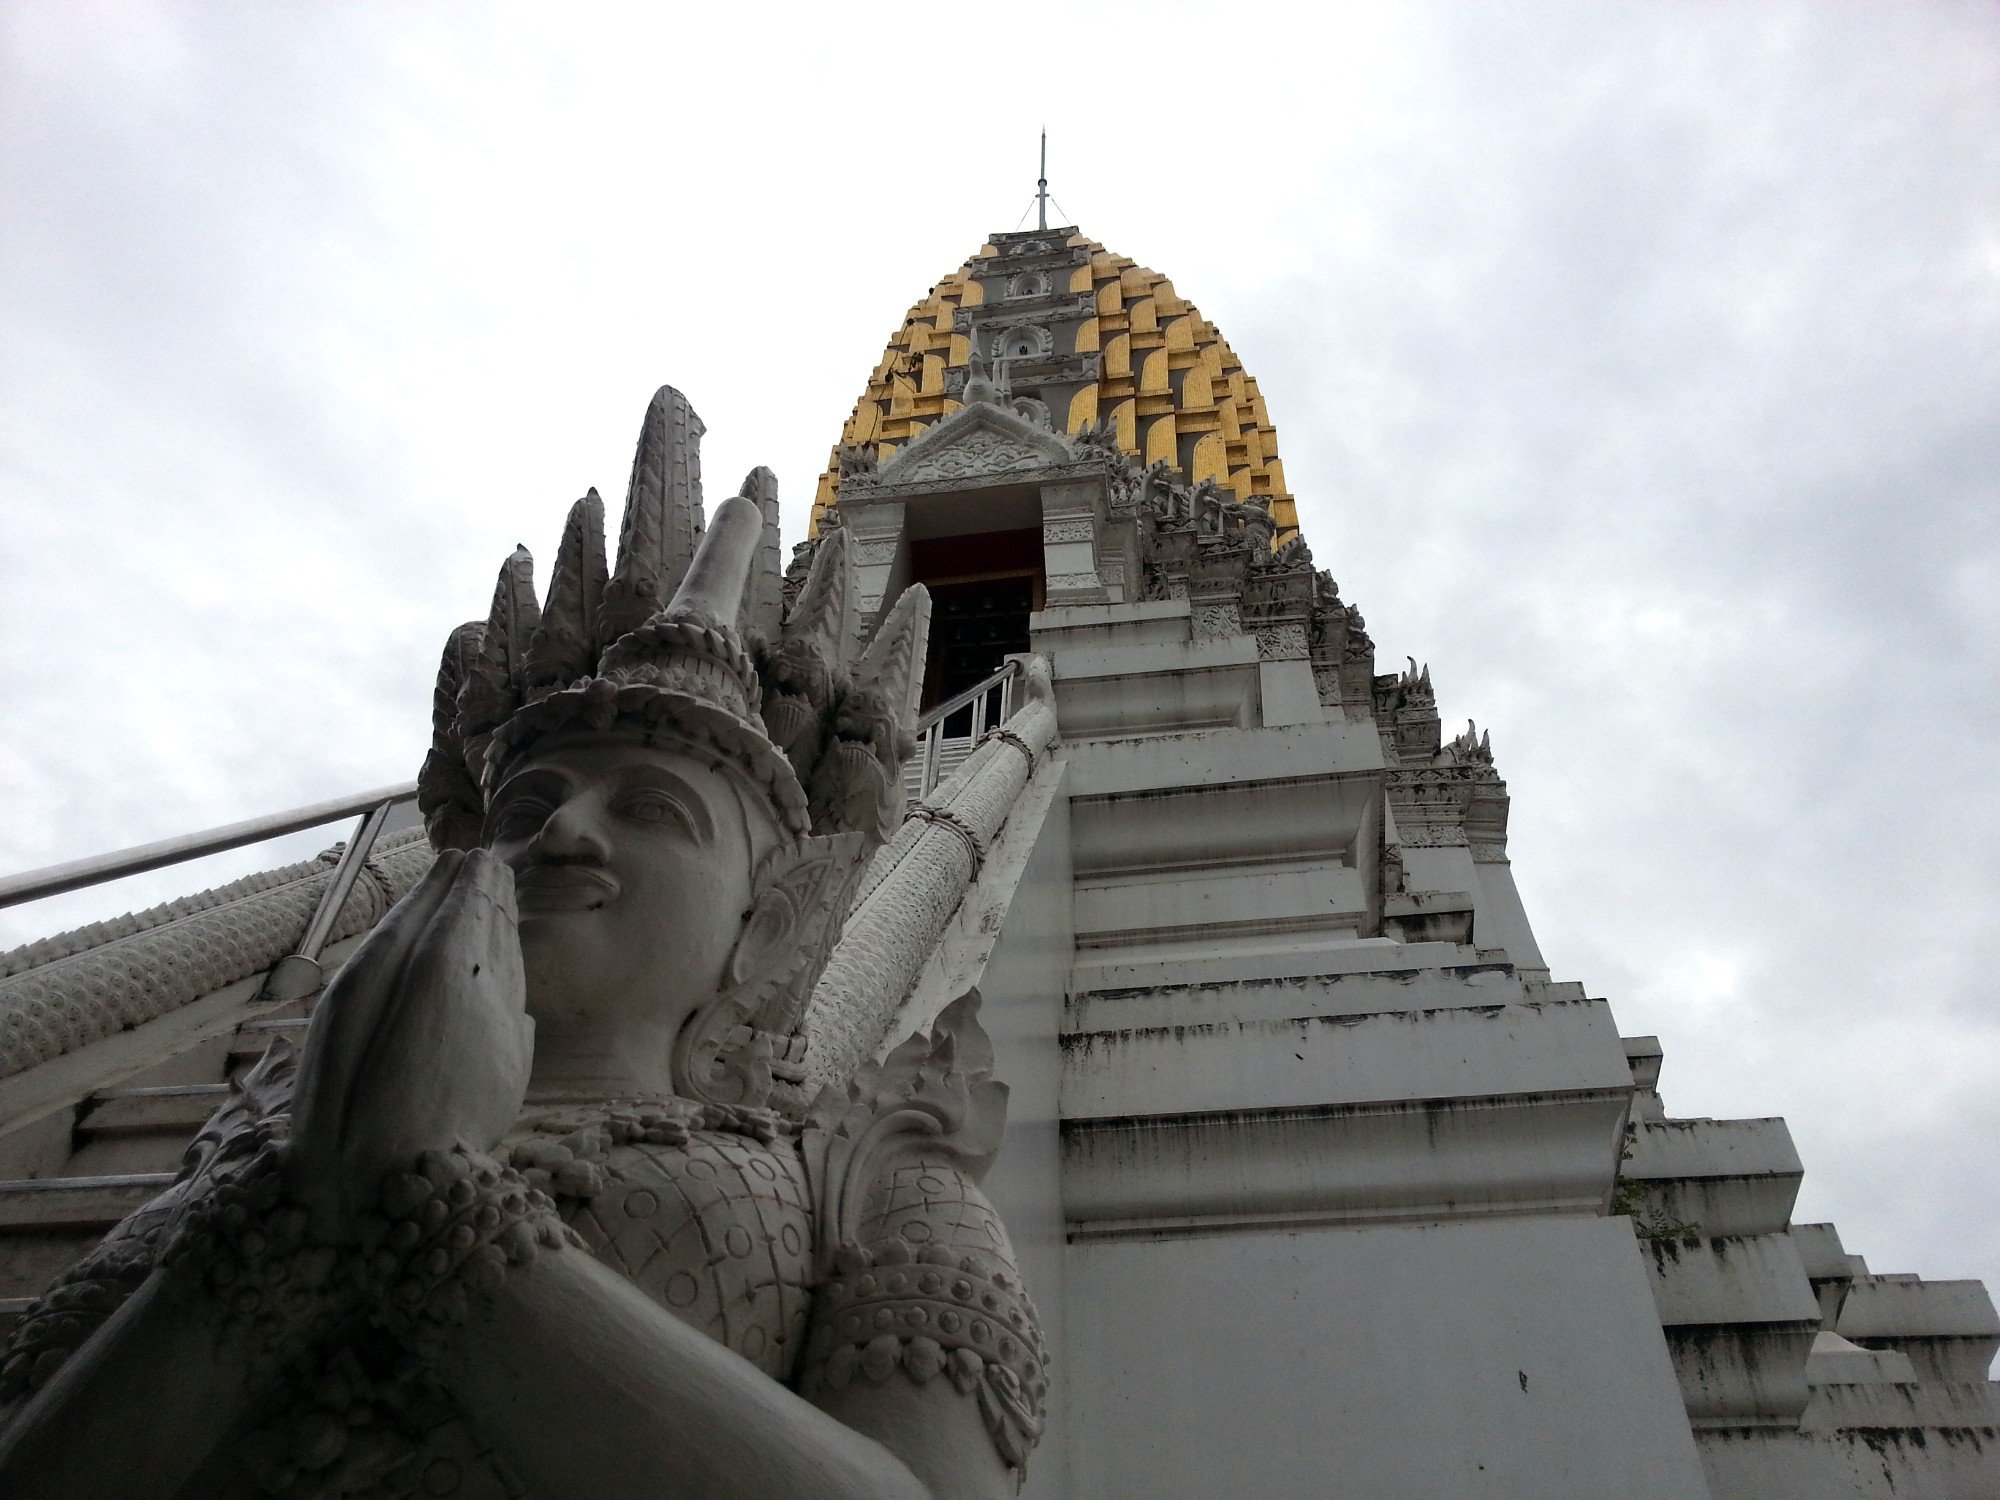 Prang at Wat Phra Si Rattana Mahathat